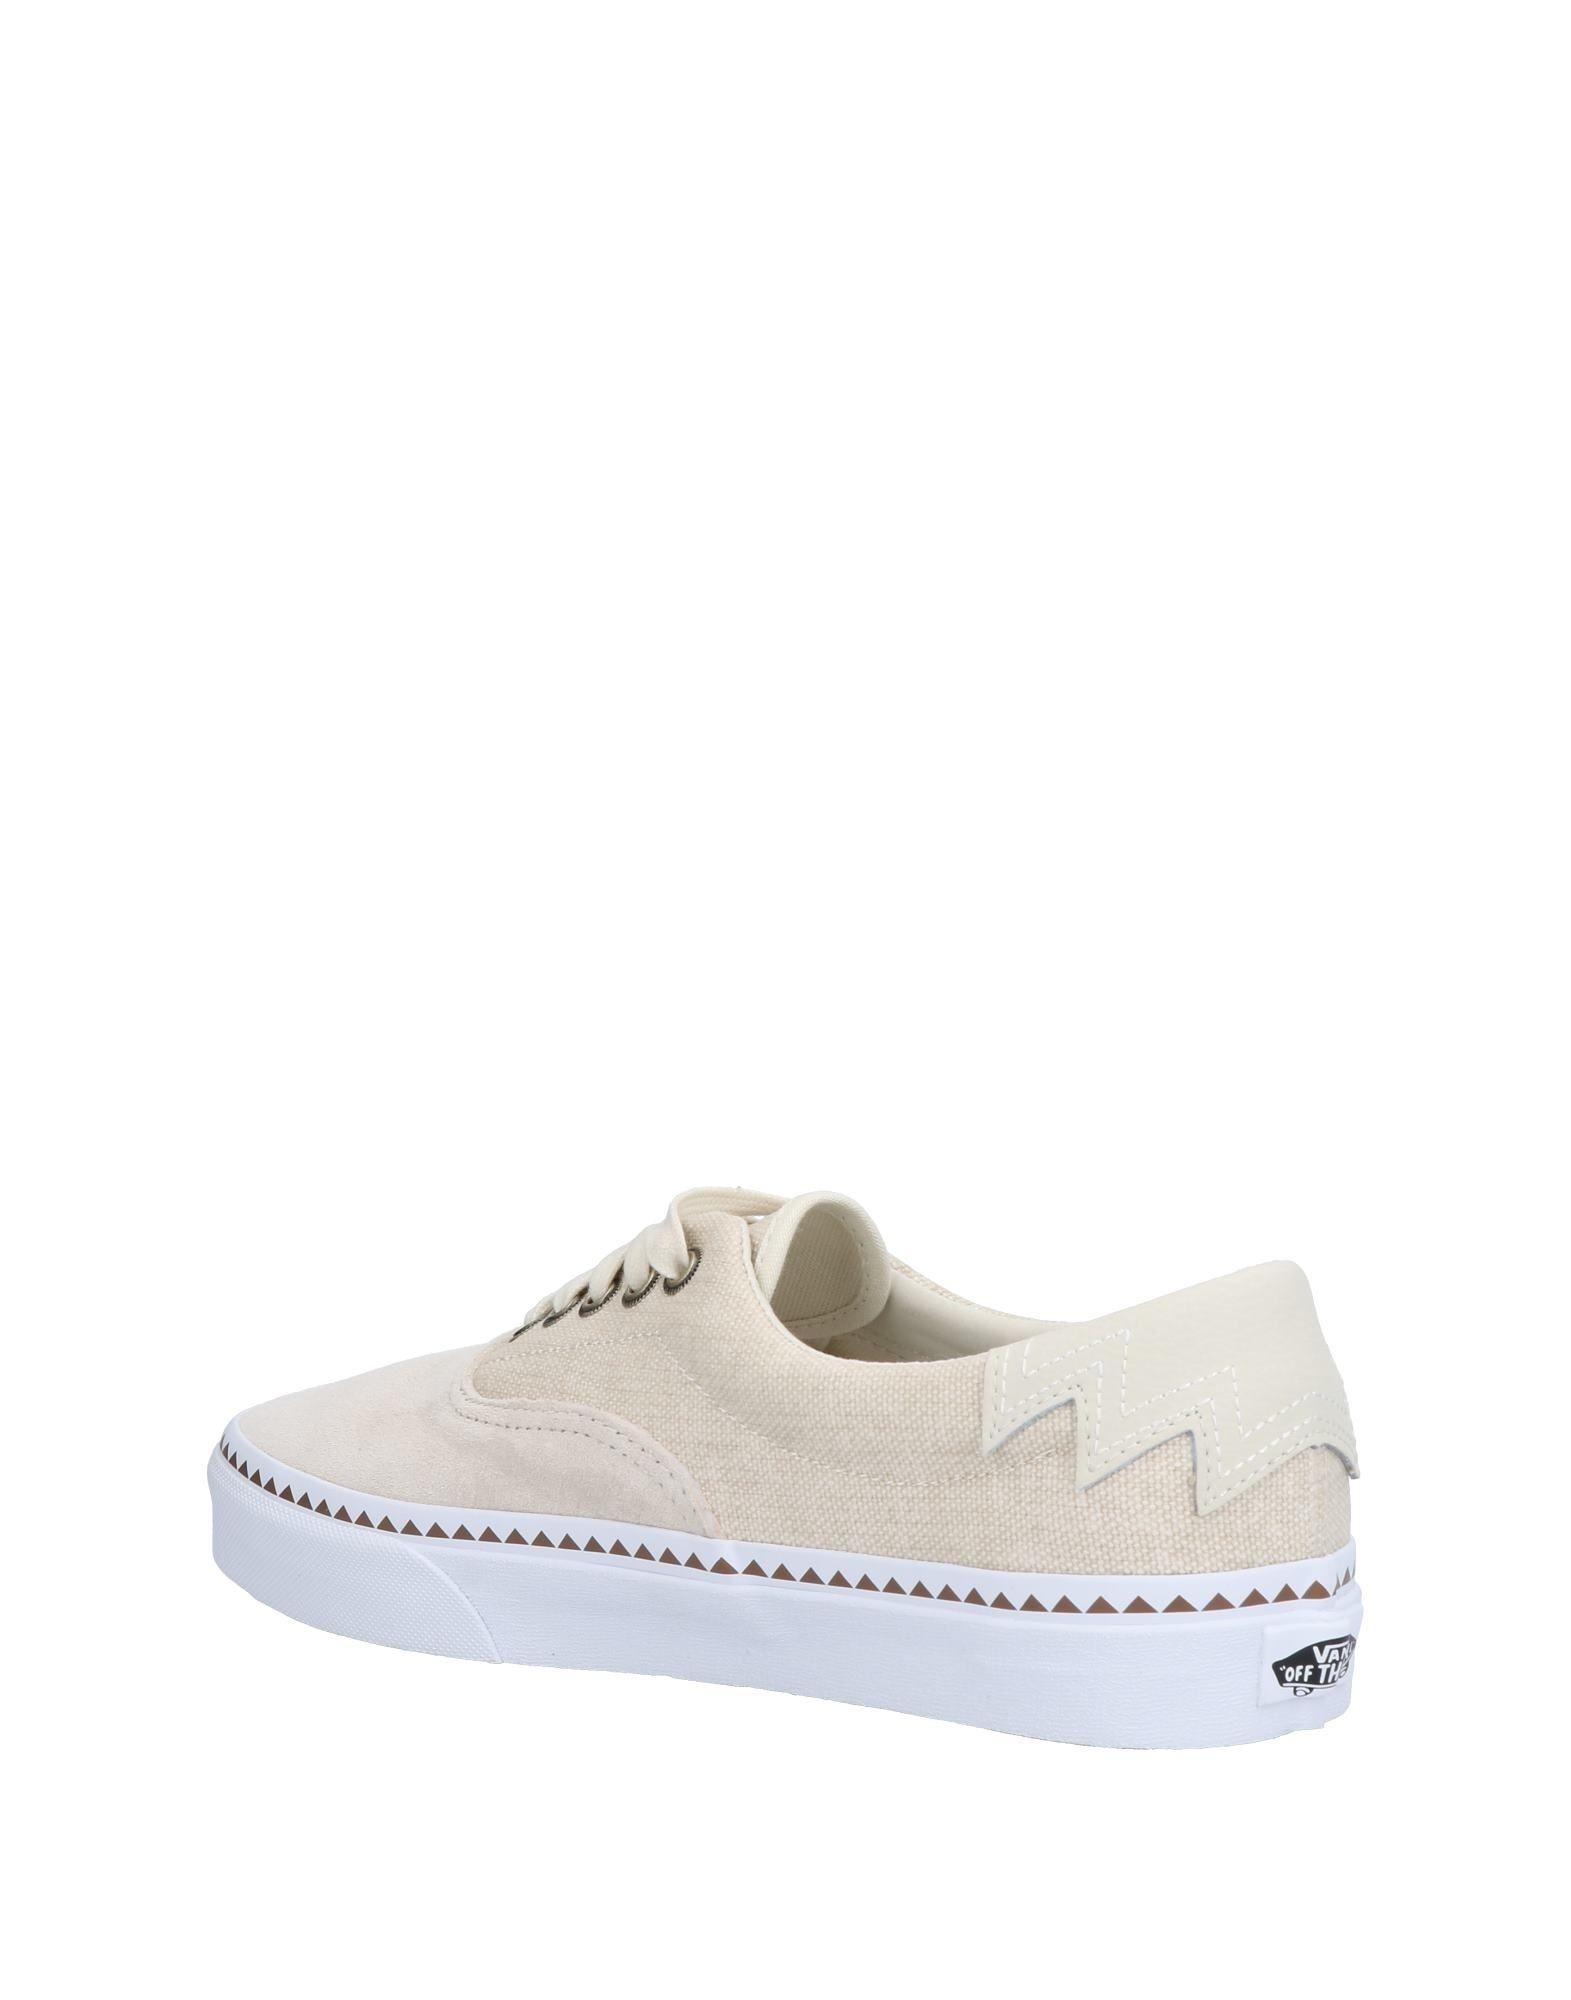 Vans Sneakers 11495851AJ Herren  11495851AJ Sneakers Heiße Schuhe 7ca1c3